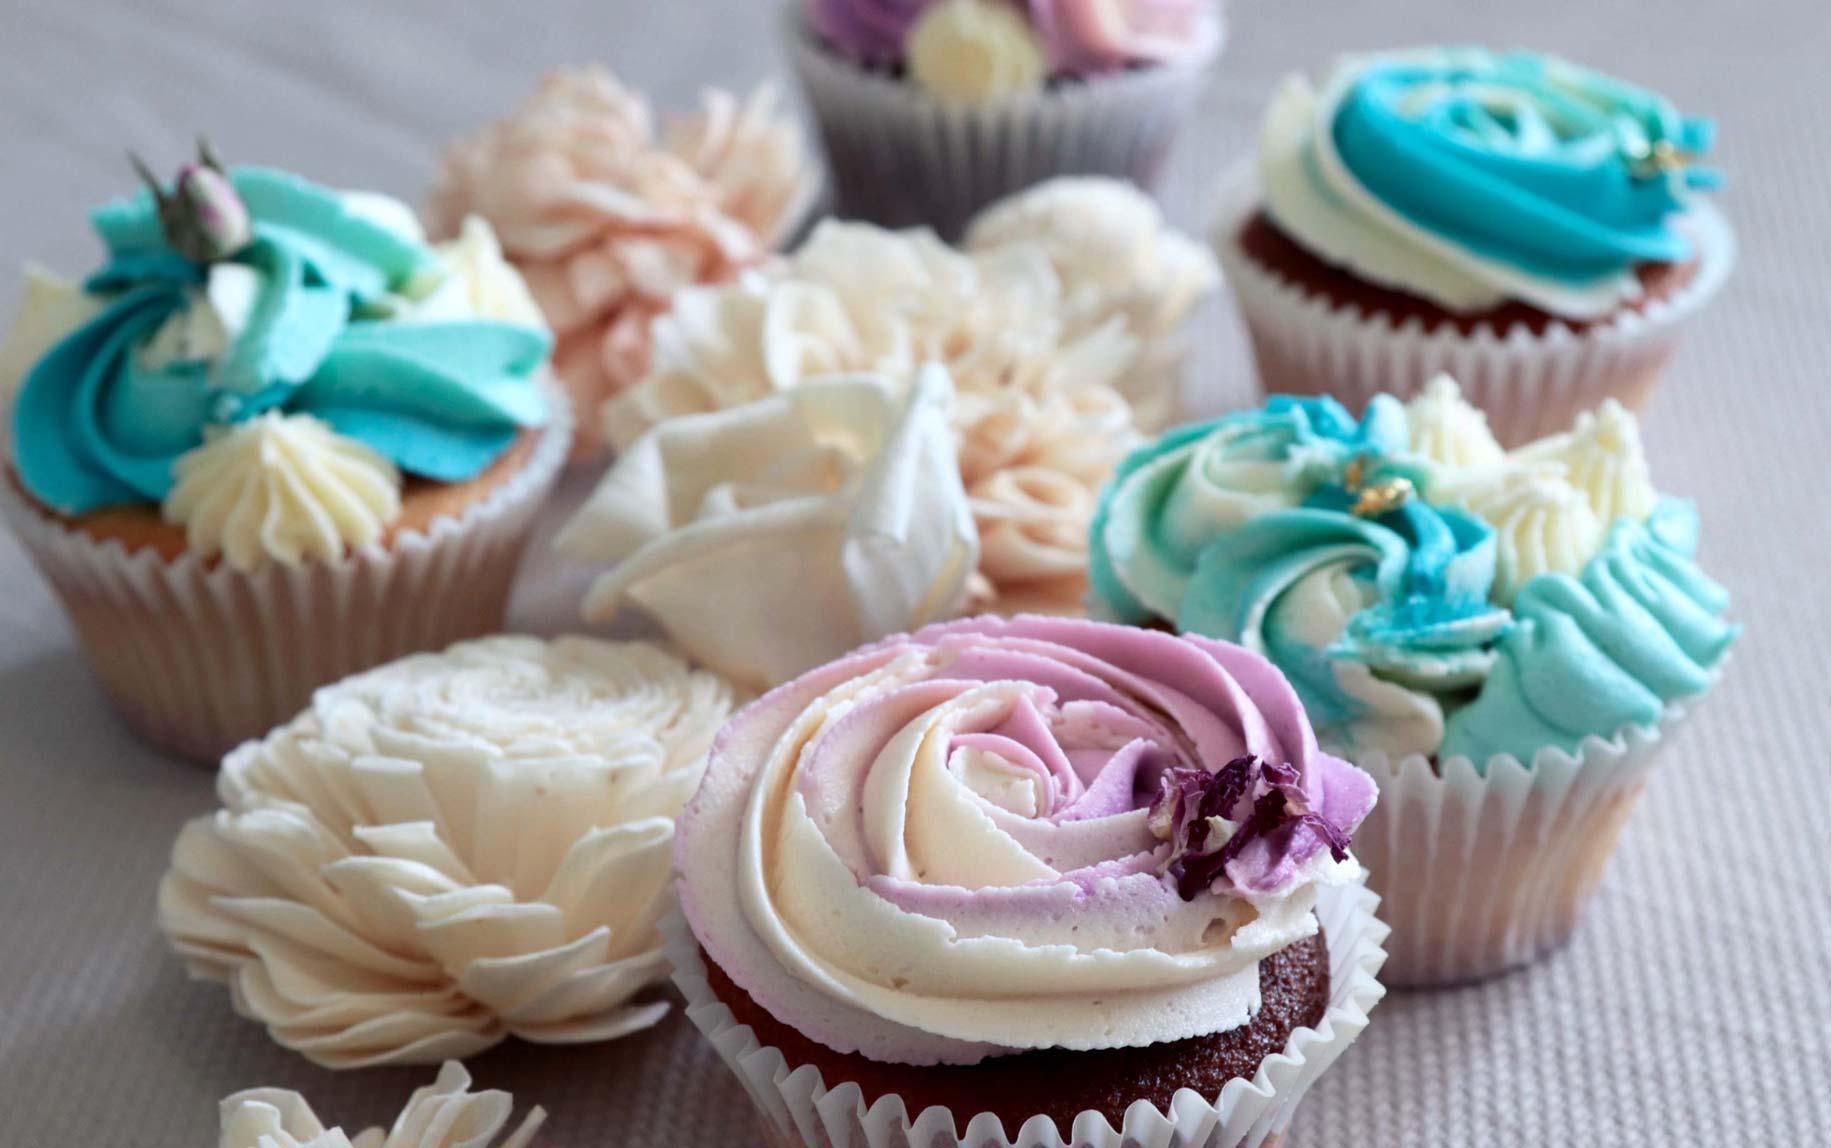 The_Little_Cake_Maker_Perth_Baker_CustomCakes_DayCakes_Slices_Tarts_Cupcakes_5.jpg